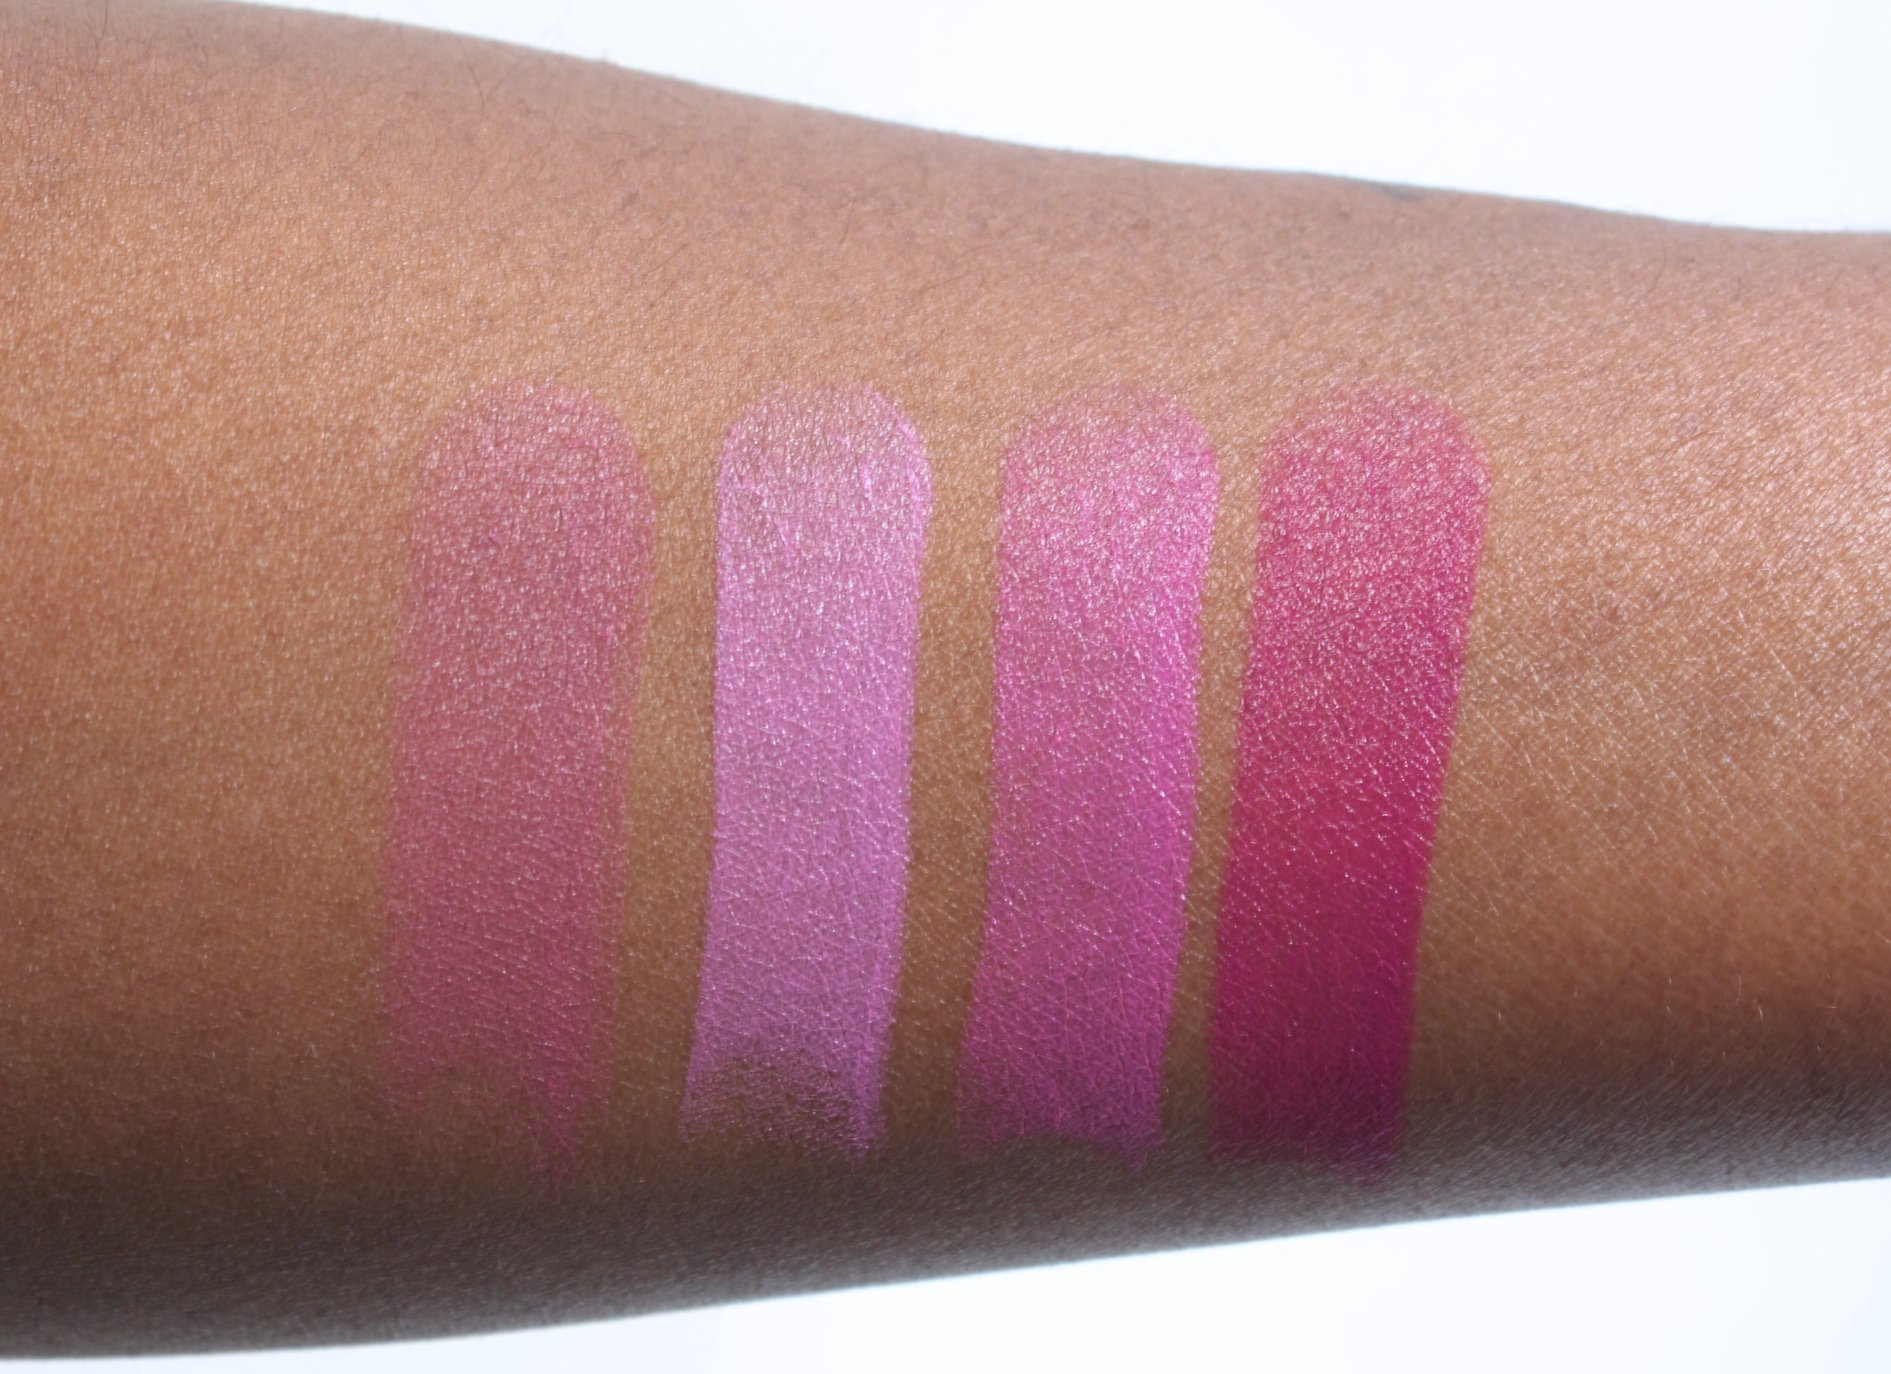 Jordana-Modern-Matte-Lipsticks-6